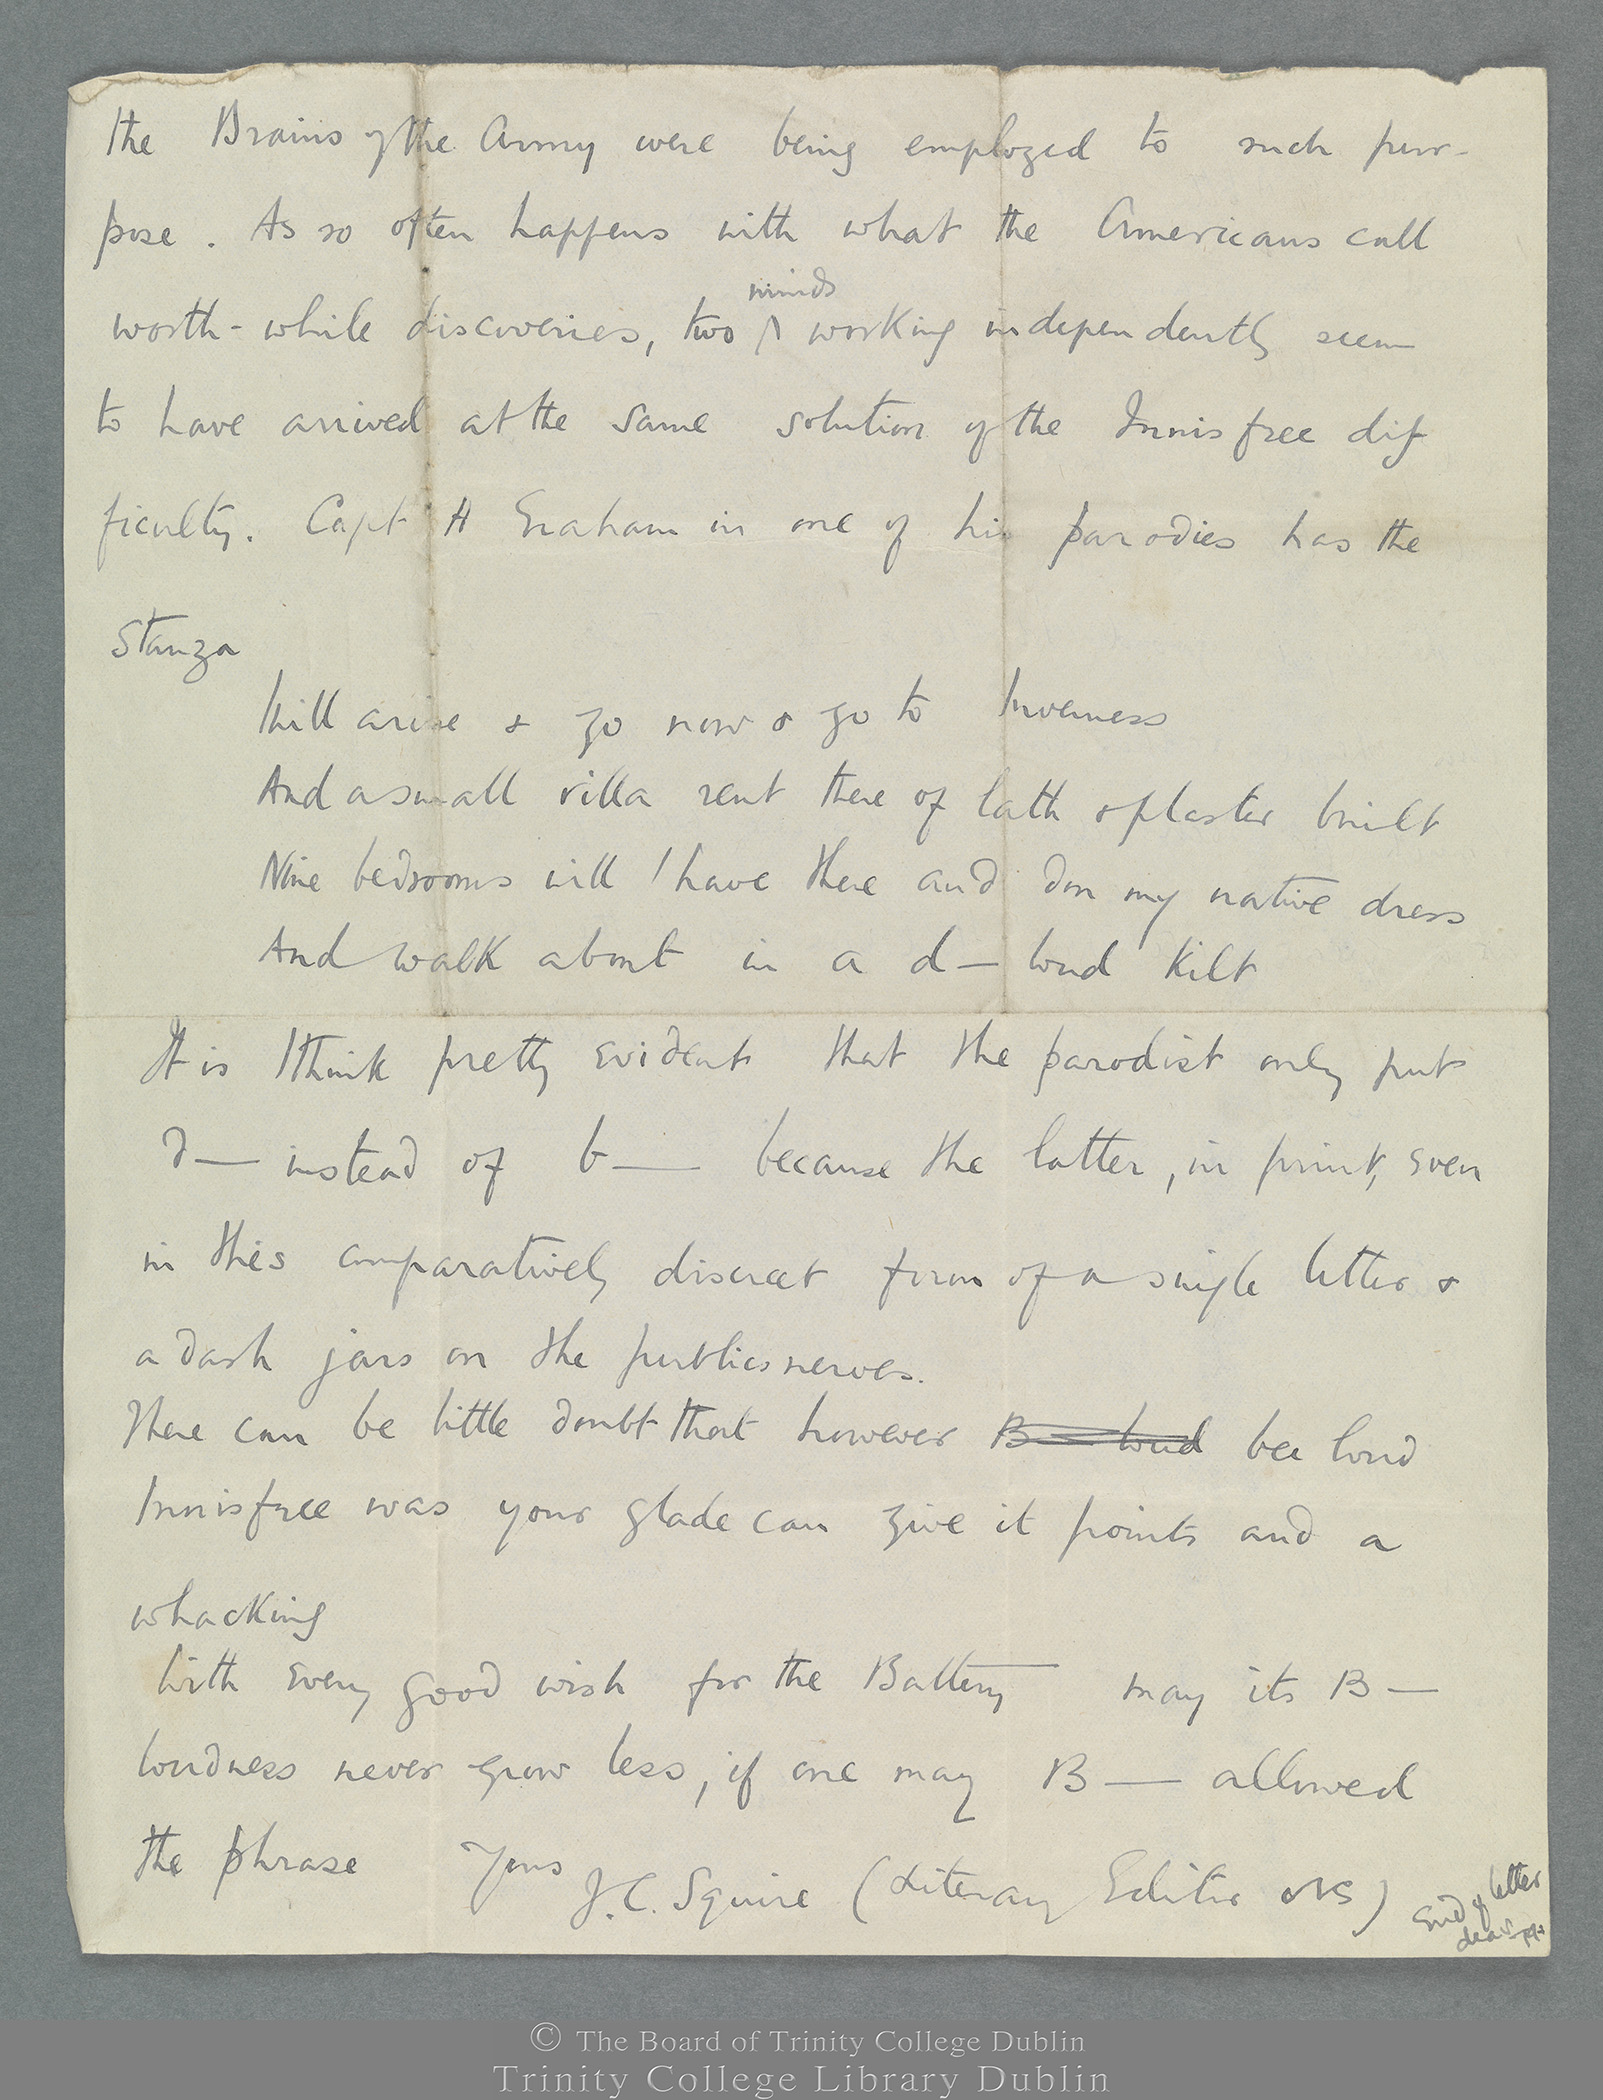 TCD MS 11274/59 folio 1 verso